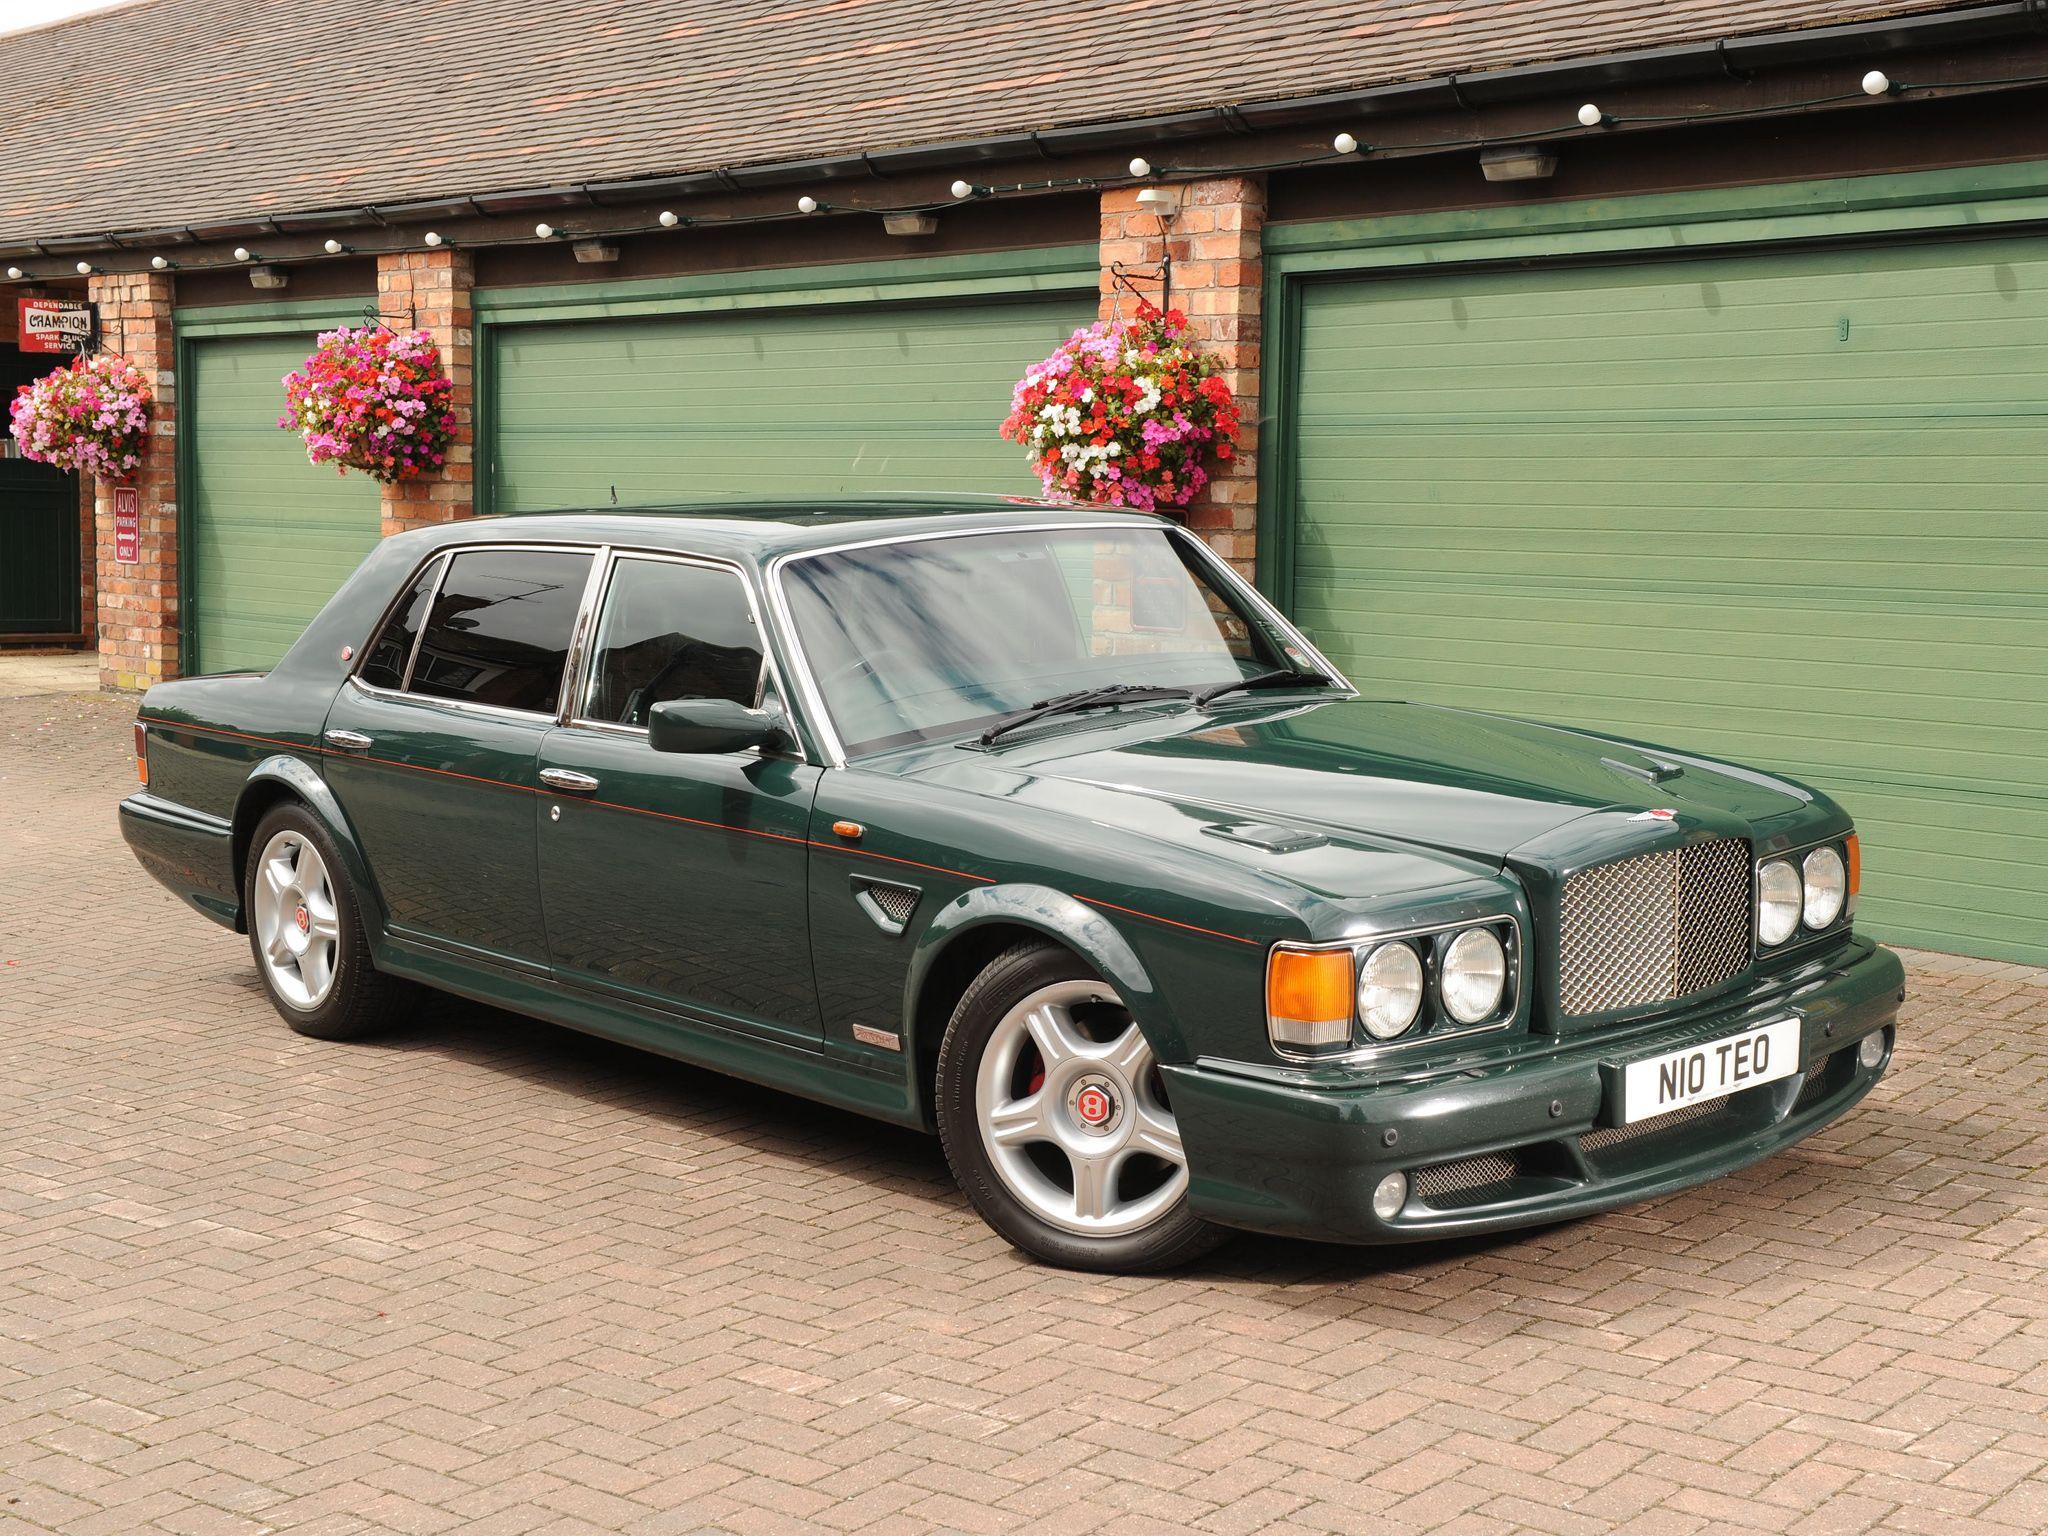 Bentley Turbo Rt Mulliner Bentley Car Bentley Bentley Motors